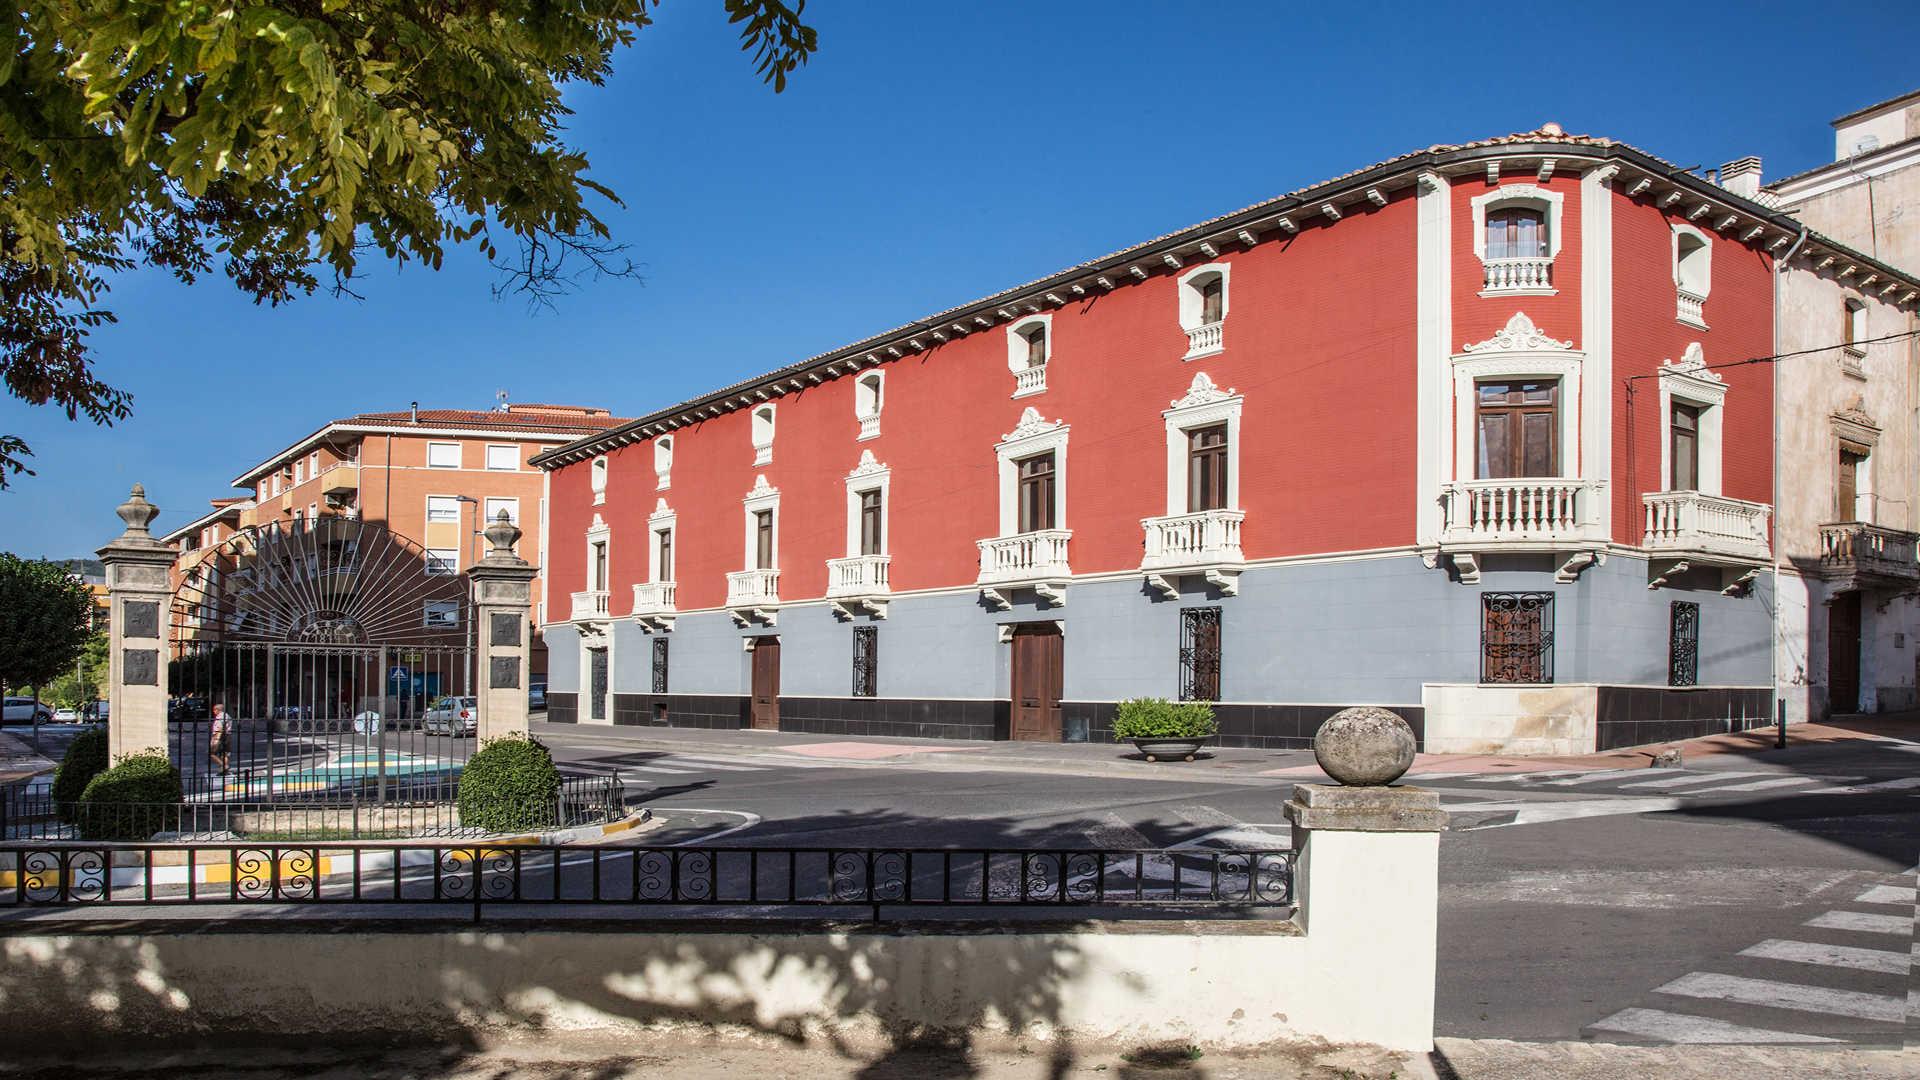 https://multimedia.comunitatvalenciana.com/327AF0A90B9D4E06A5093E5D74509BC2/img/6A03A384F4724C2EBD1196A870685B1B/Onil_MuseodelaMuneca_exterior.jpg?responsive